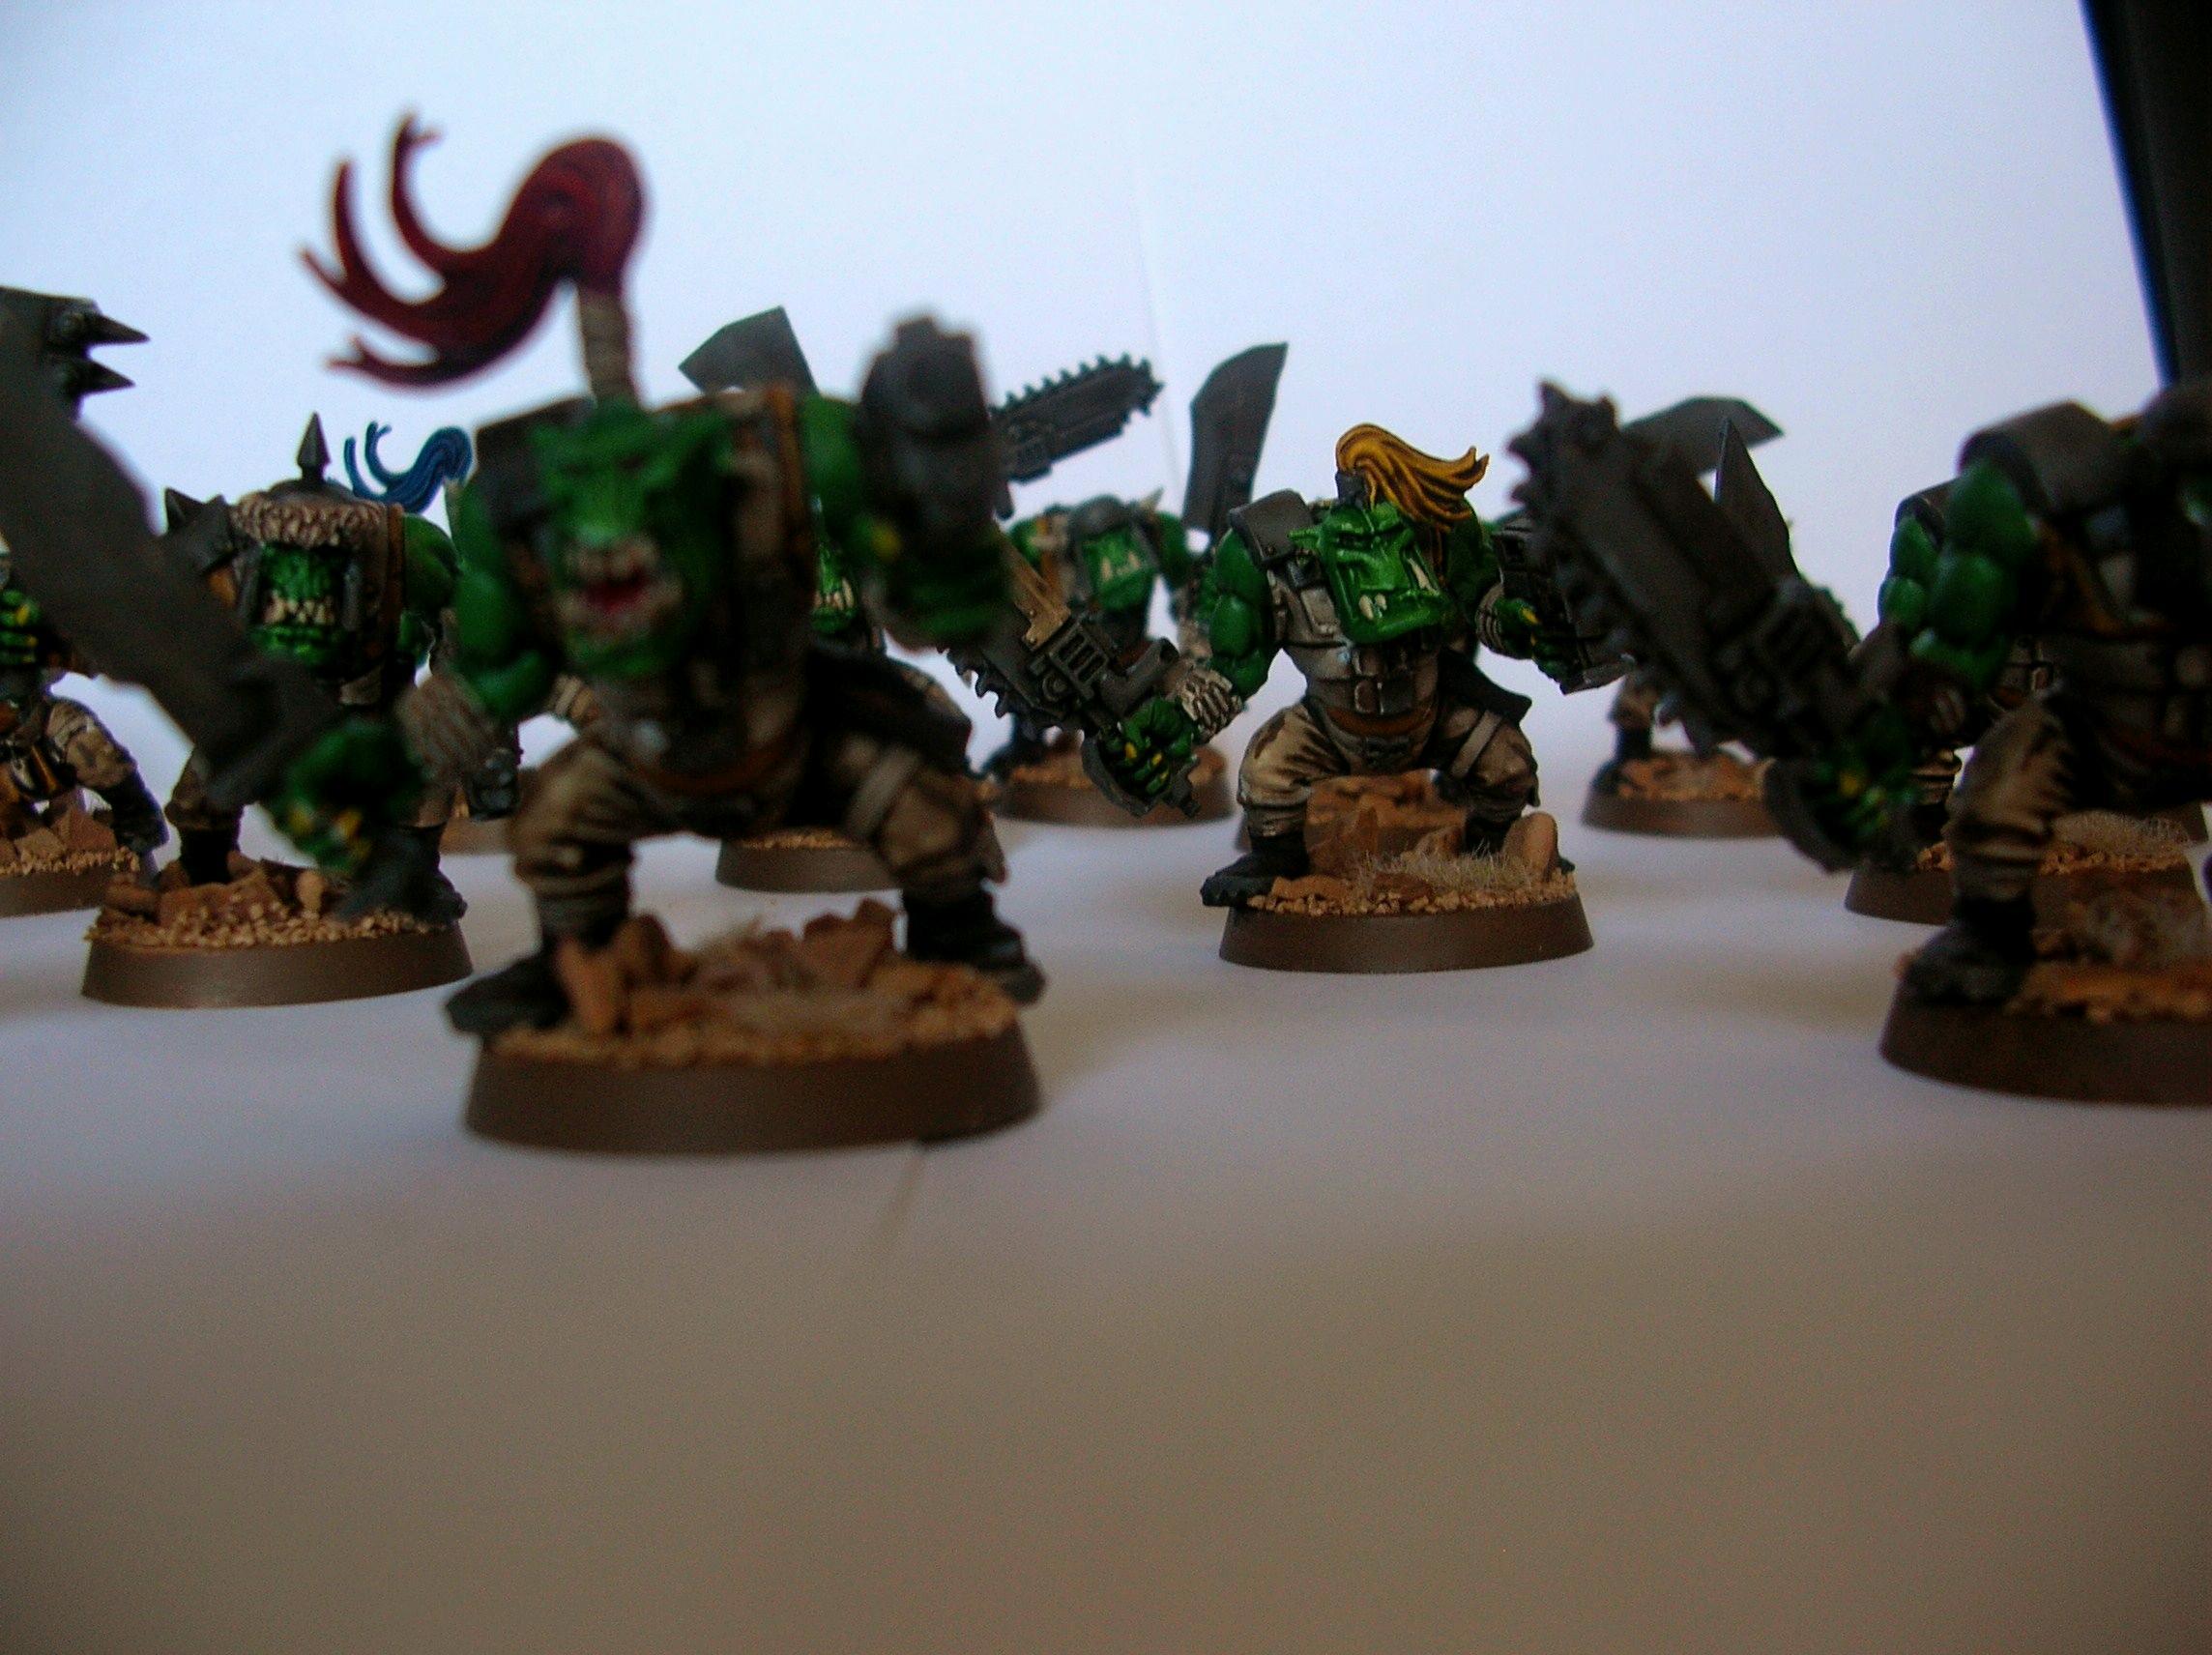 Black, Boy, Desert, Dezz'urt, Gretchin, Grots, Orcs, Orks, Rat, Rats, Ratz, Reach